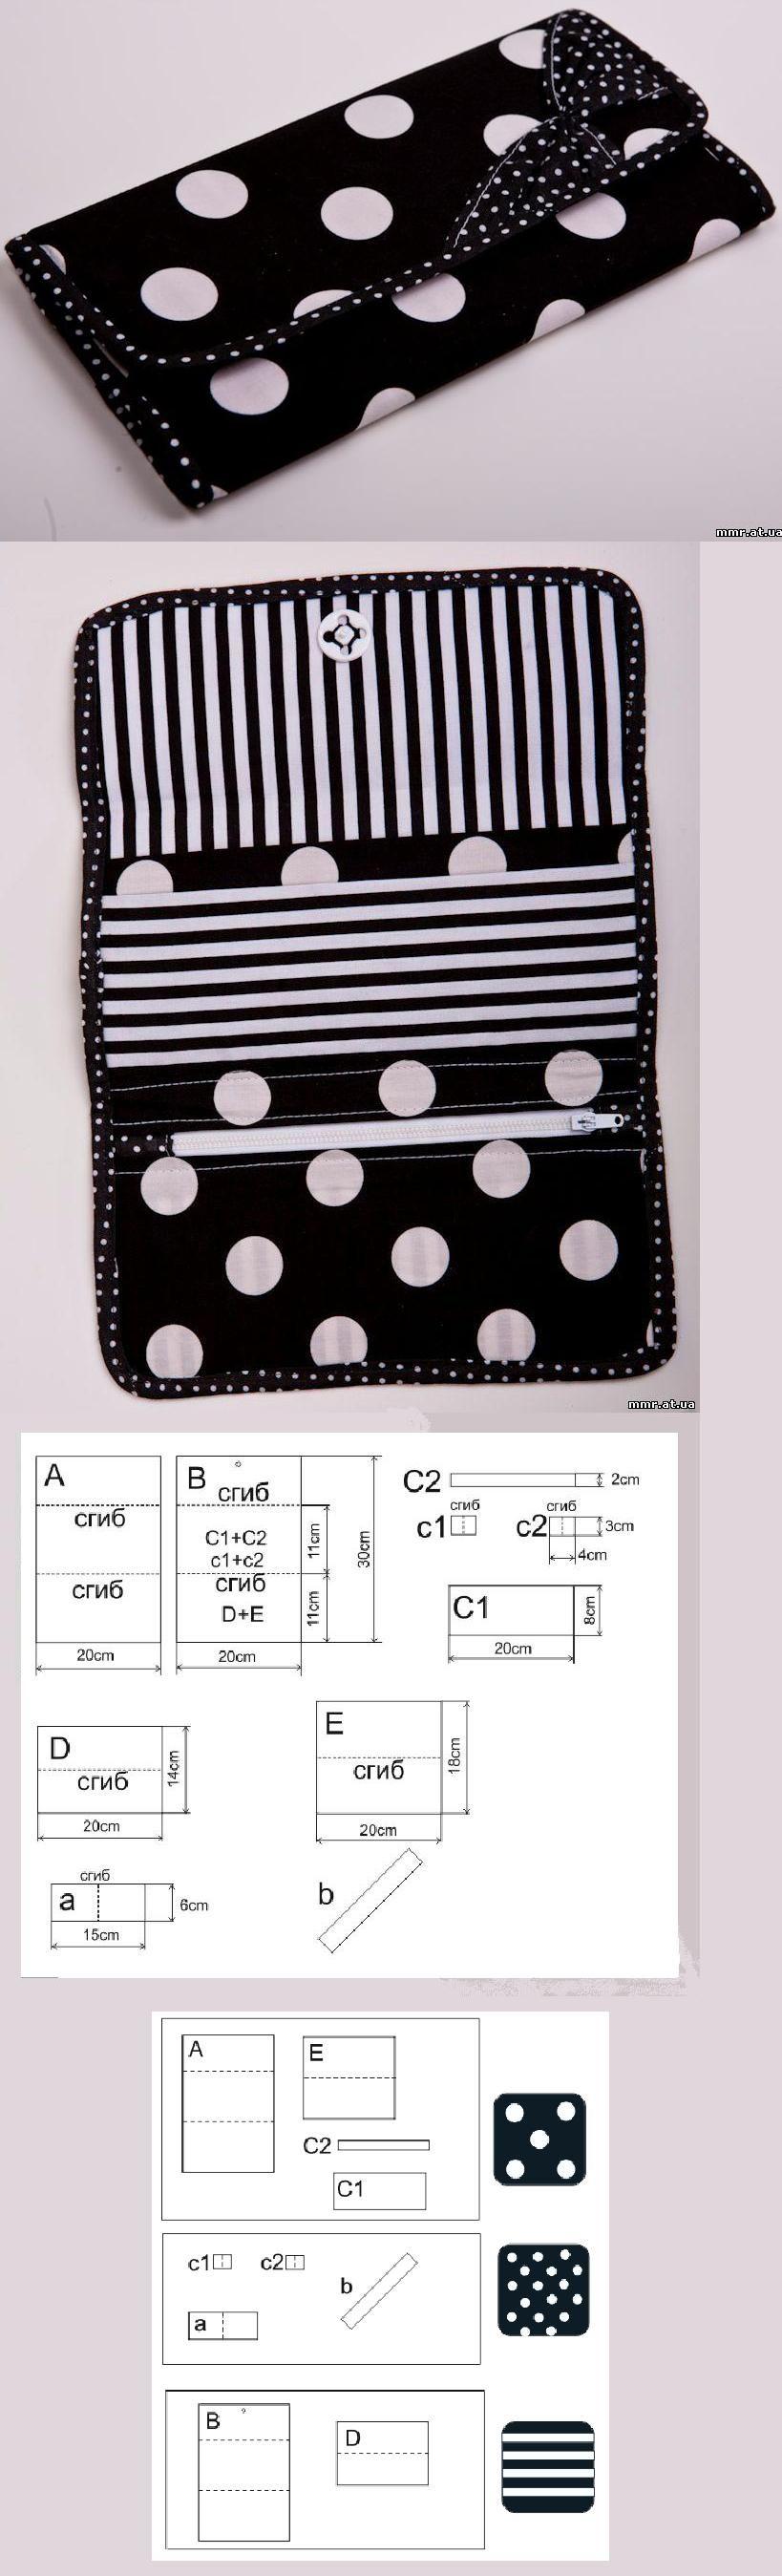 Черно-белое сумасшествие Яркий контраст: чёрное и белое! Никаких полутонов, только чёрное и белое!